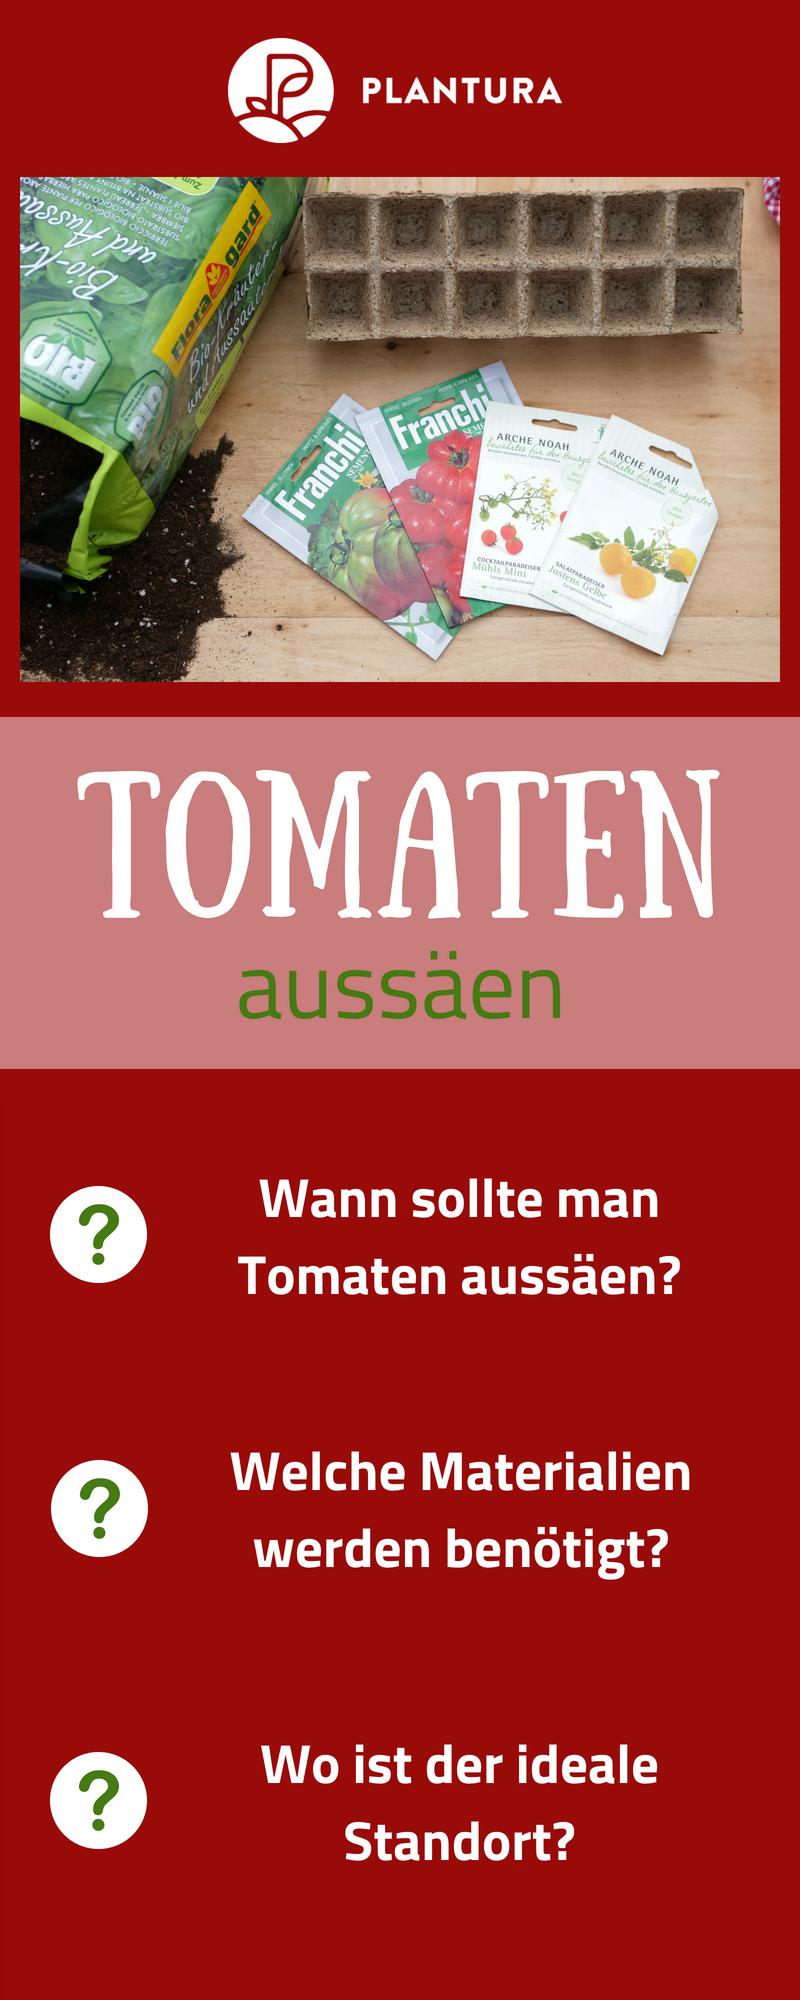 Tomaten aussäen, pikieren & auspflanzen: Anleitung mit Video #tomatenpflanzen